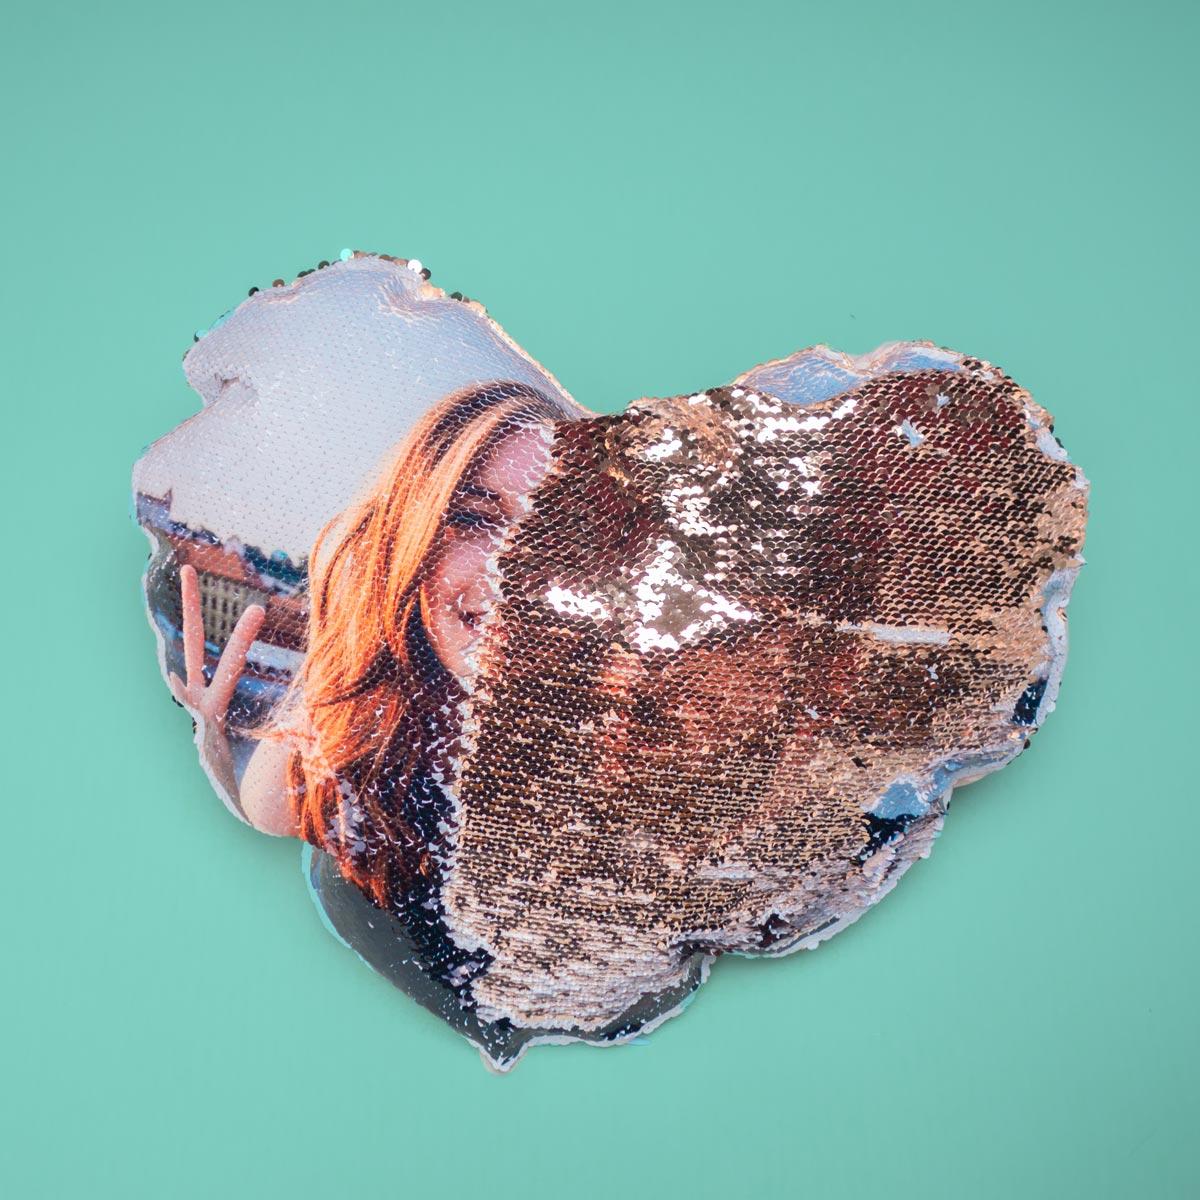 Personaliseerbaar pailletten kussensloop in hartjes vorm met foto